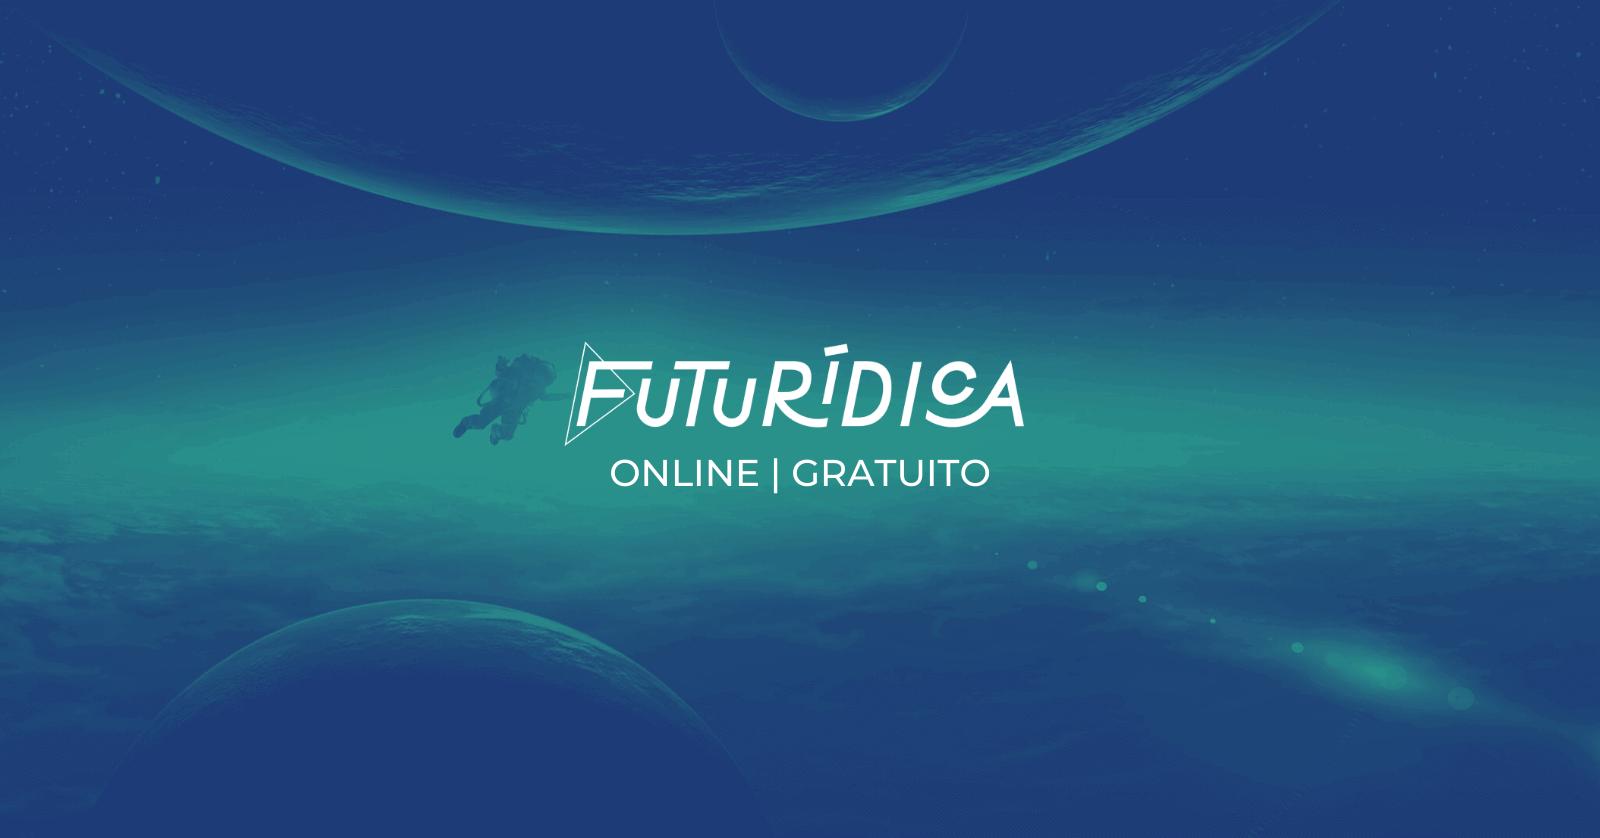 mercado jurídico do futuro 01